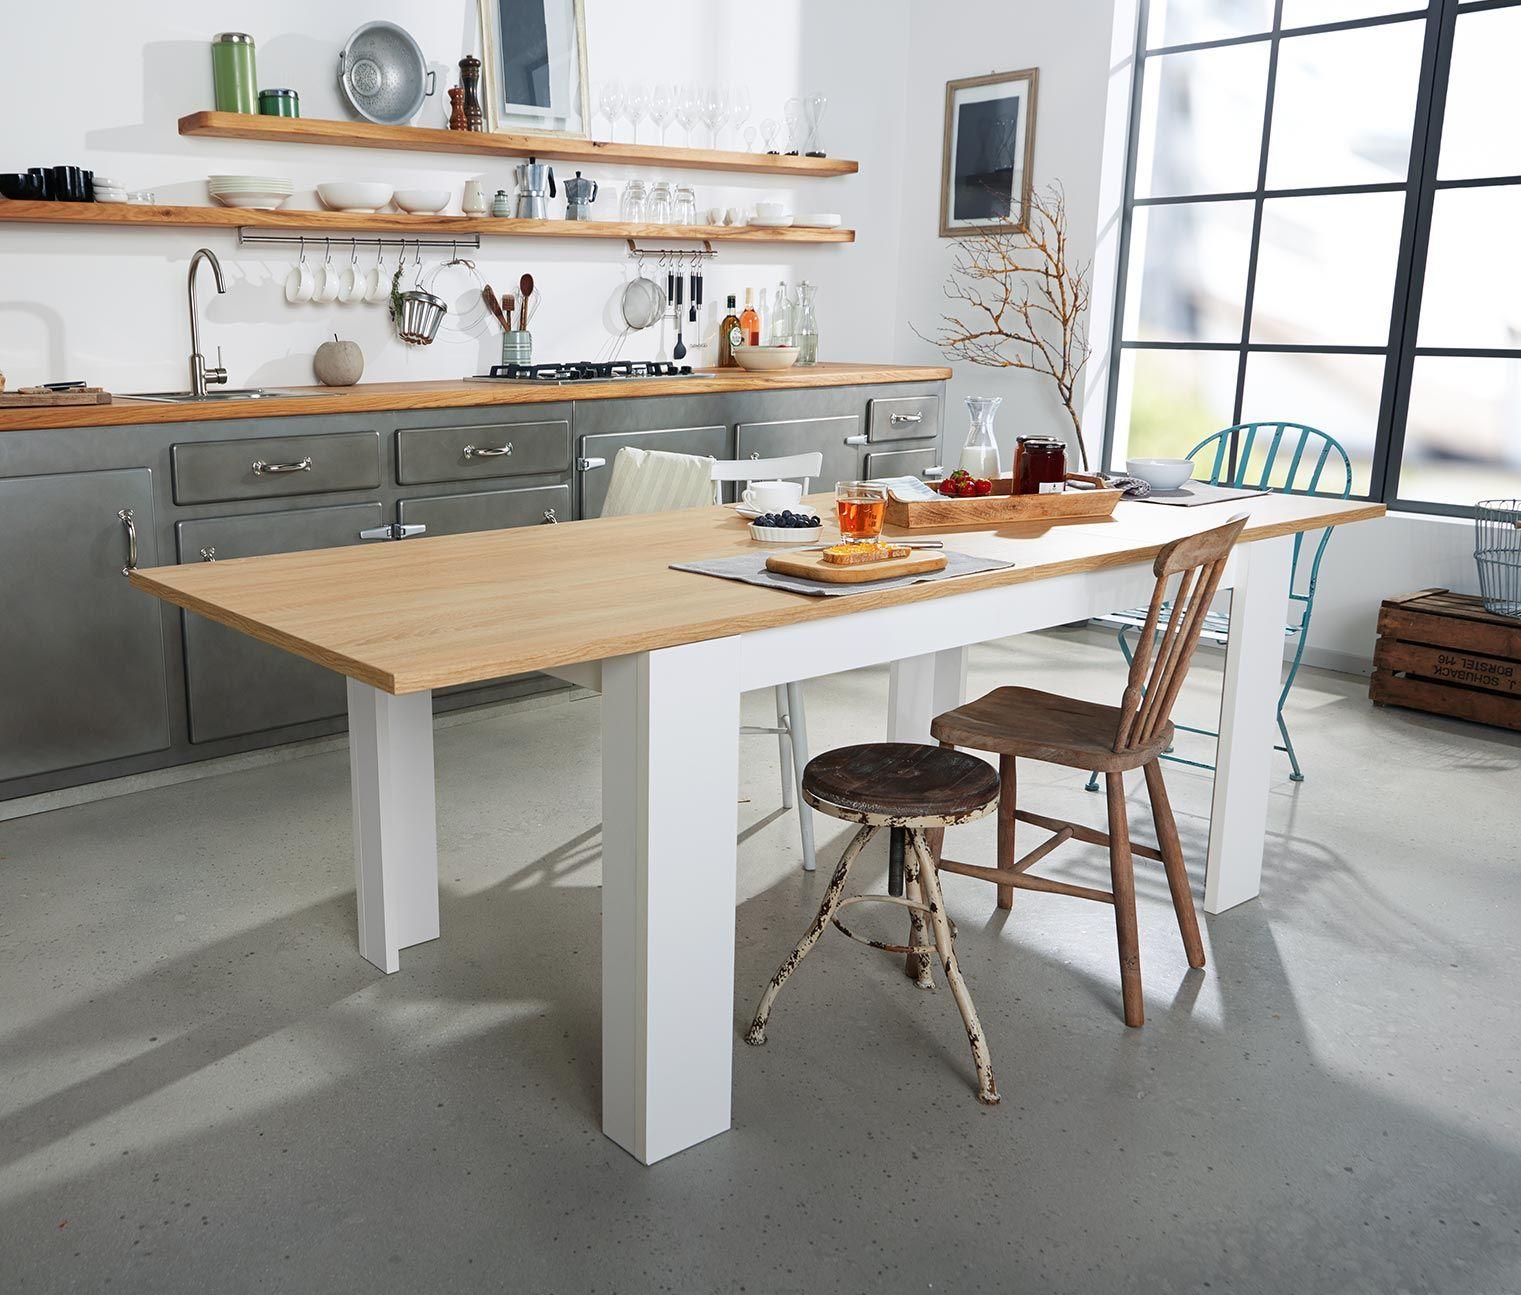 Tchibo Kuche Tisch Kuchendesign Esstisch